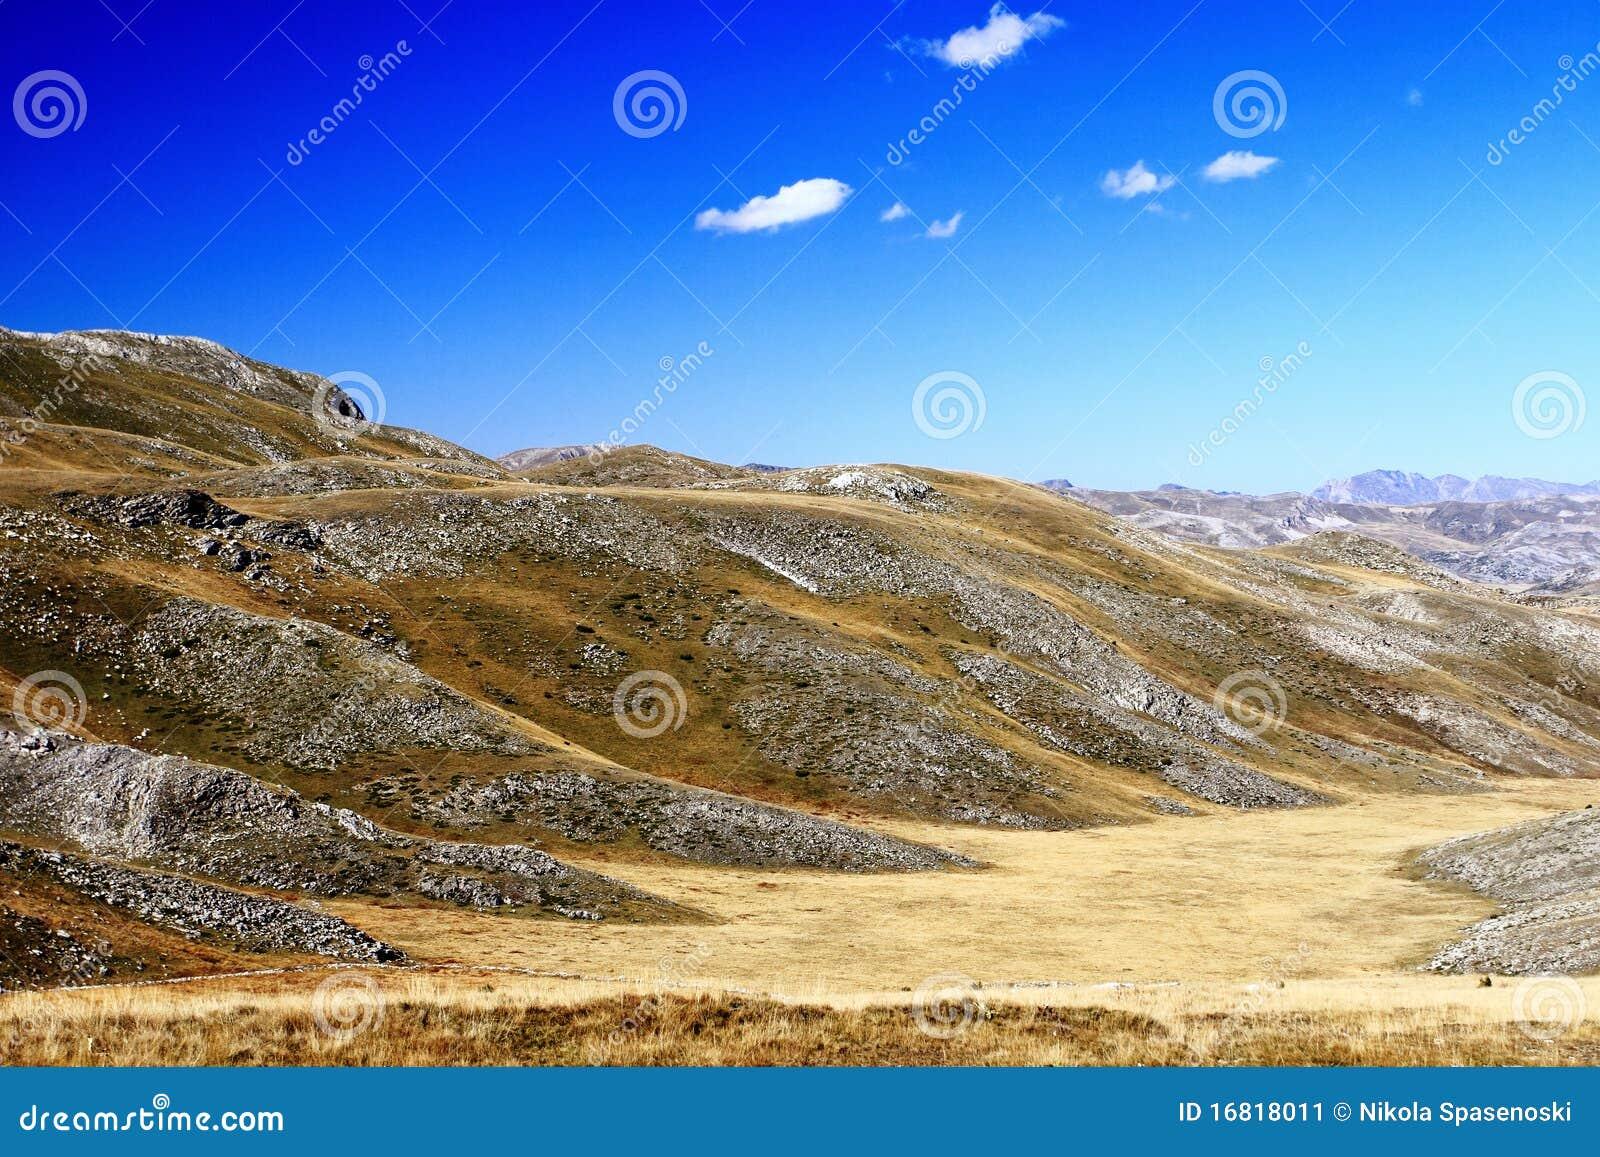 macedonian landscape - photo #32